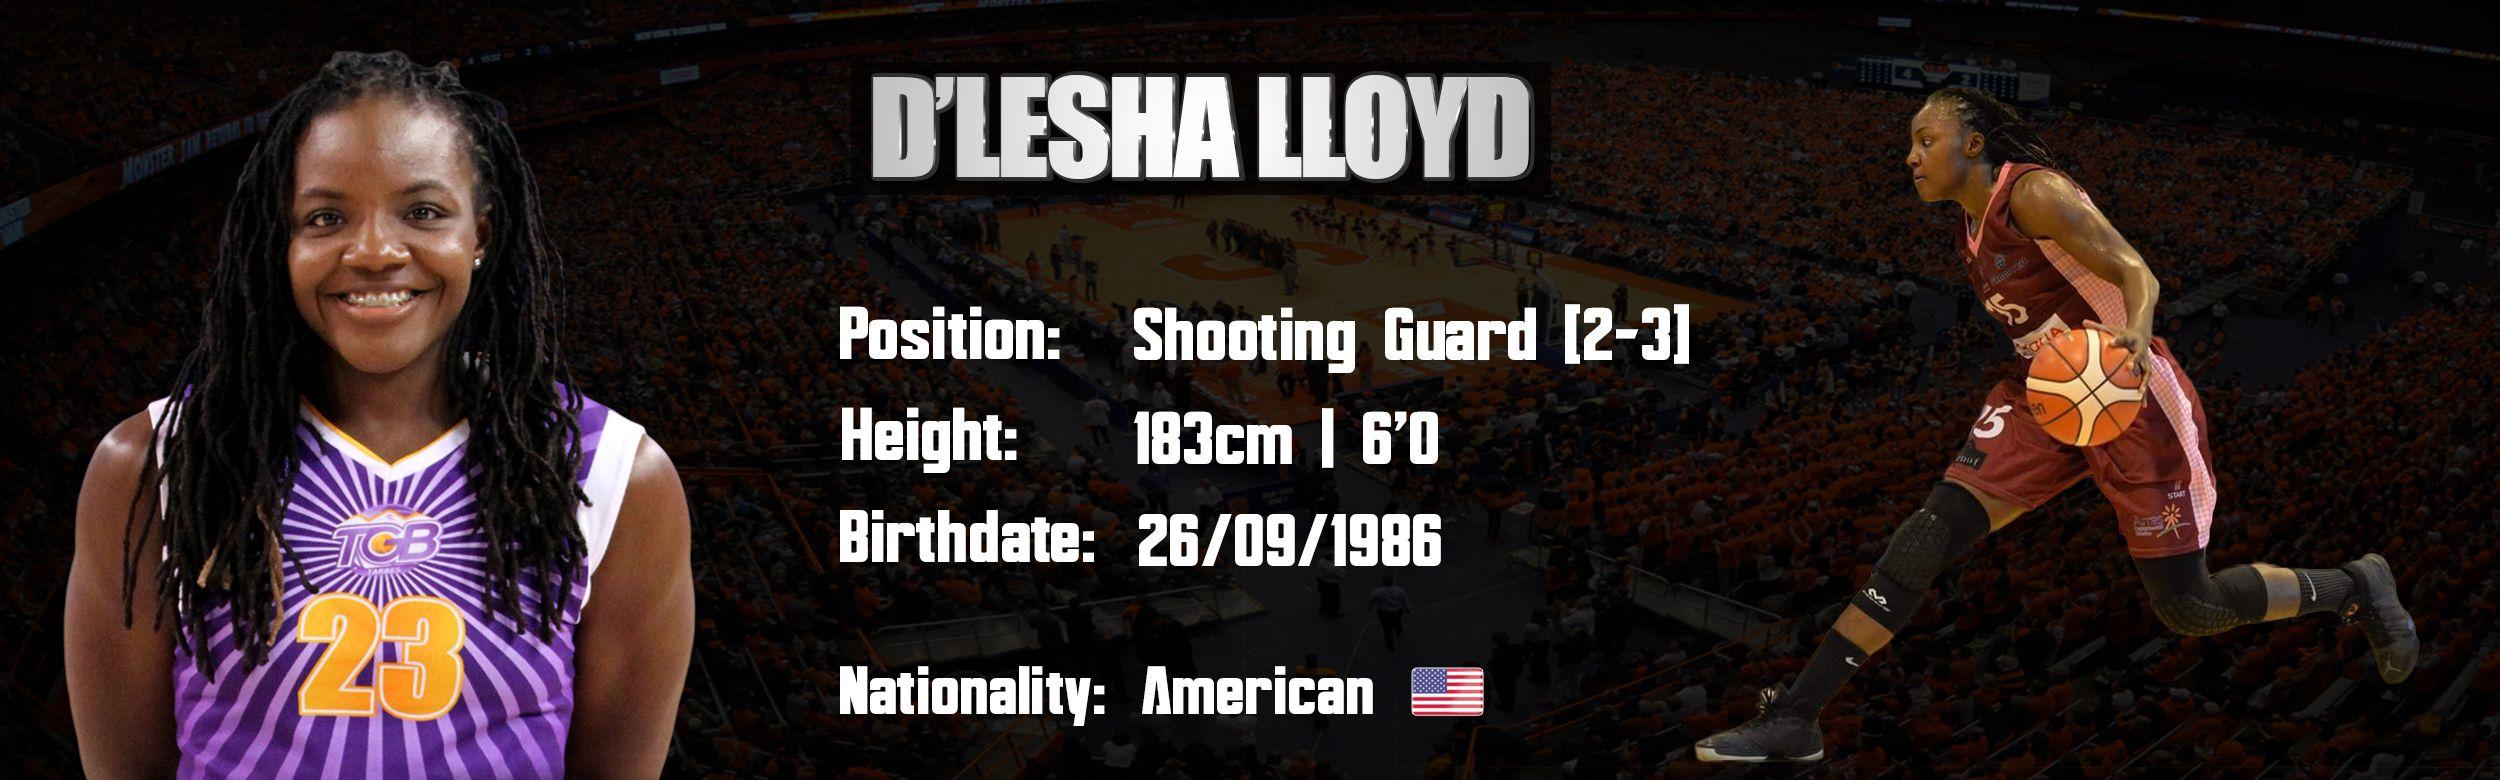 D'Lesha Lloyd